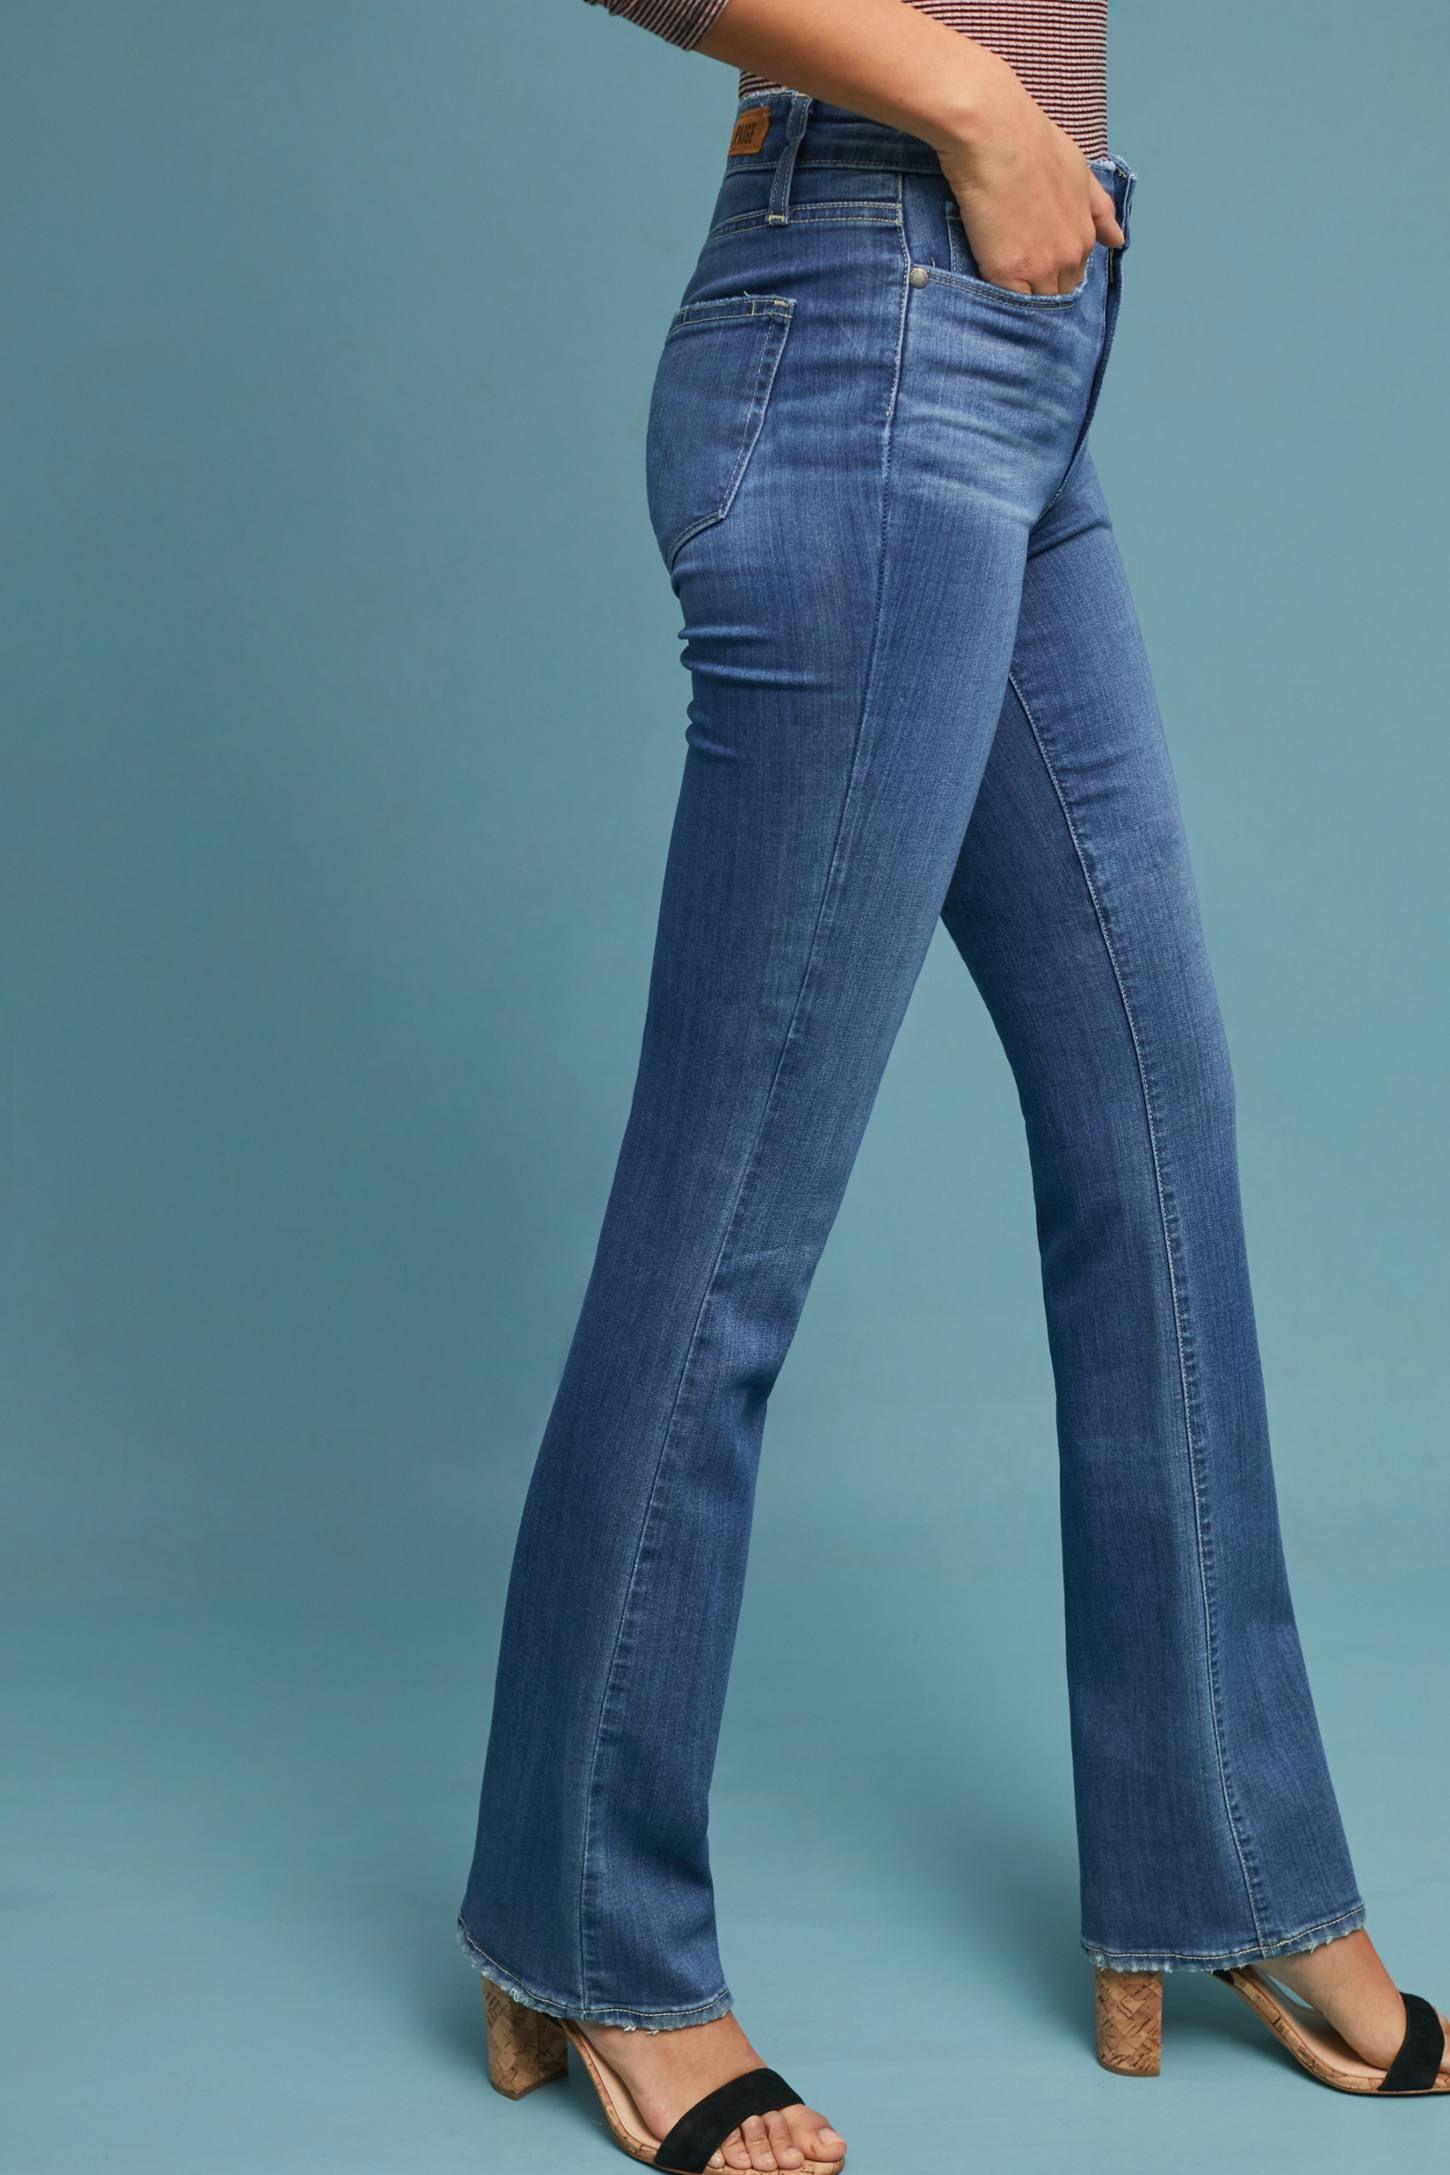 b1690591 Paige Manhattan High-Rise Bootcut Jeans   Pretty Mommy   High rise ...